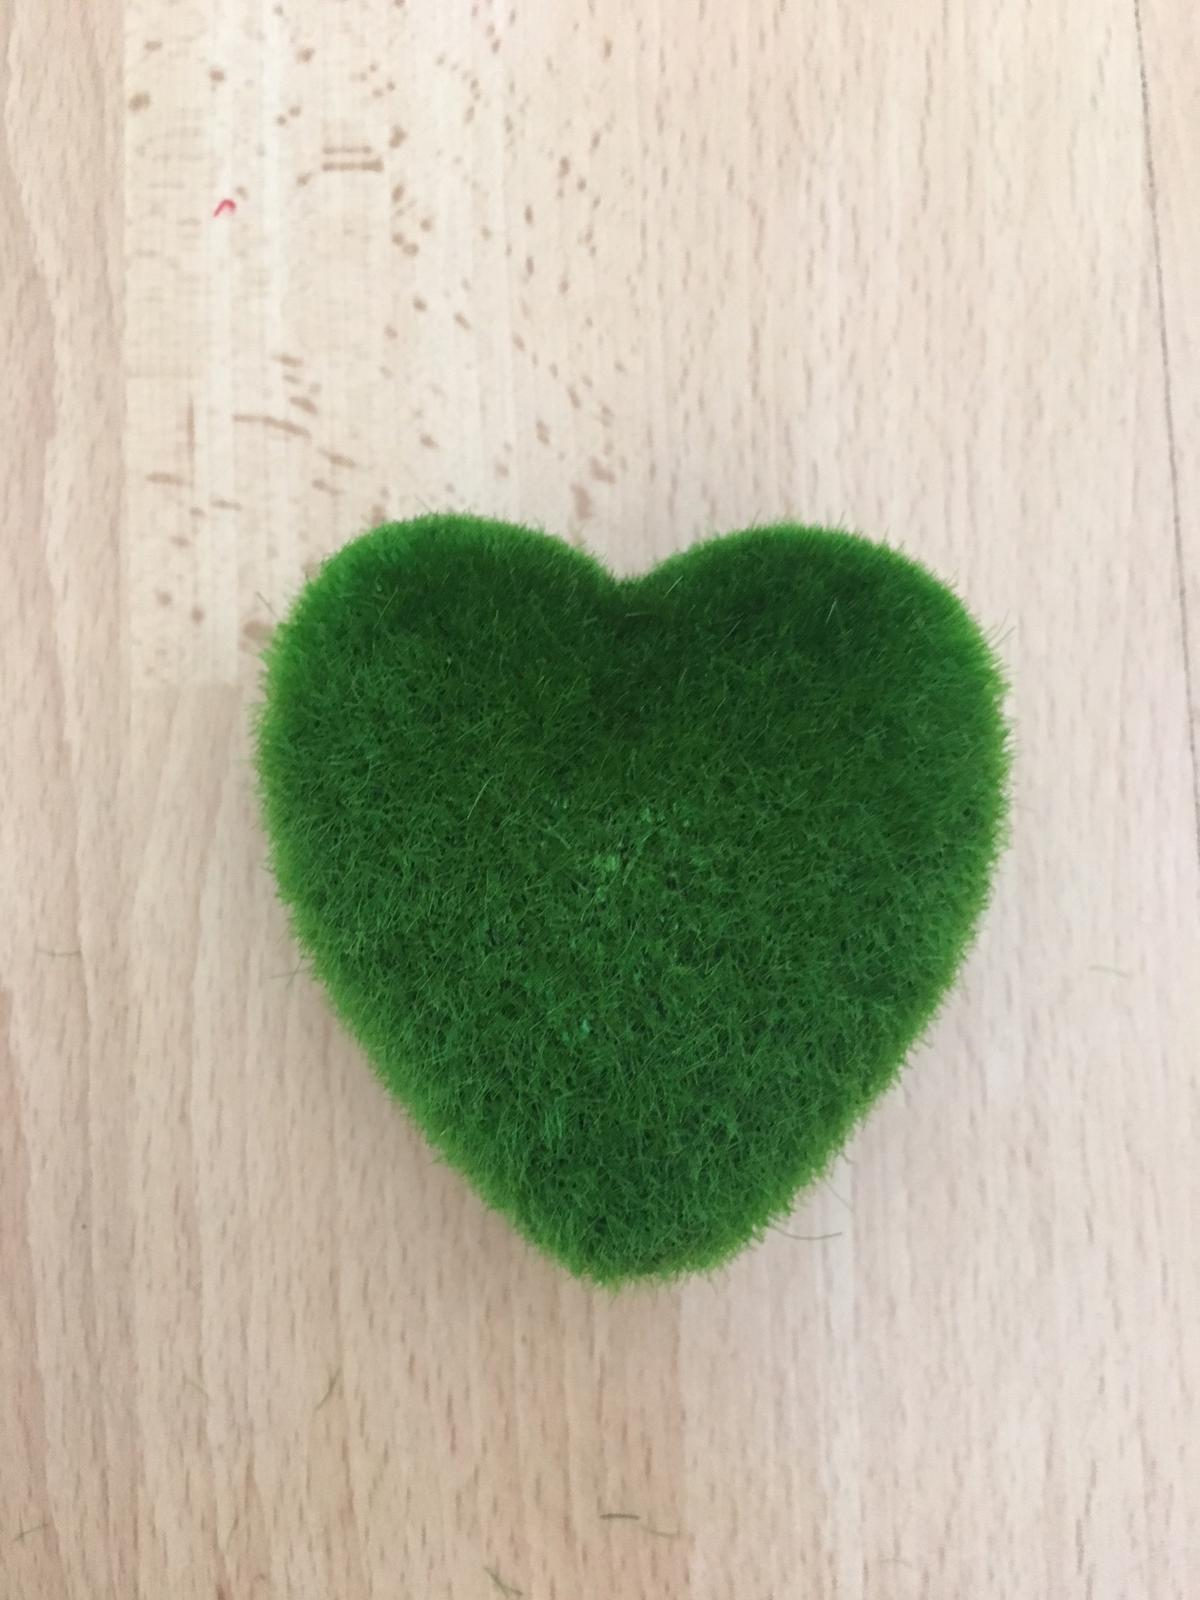 Umělý mech ve tvaru srdce - Obrázek č. 1